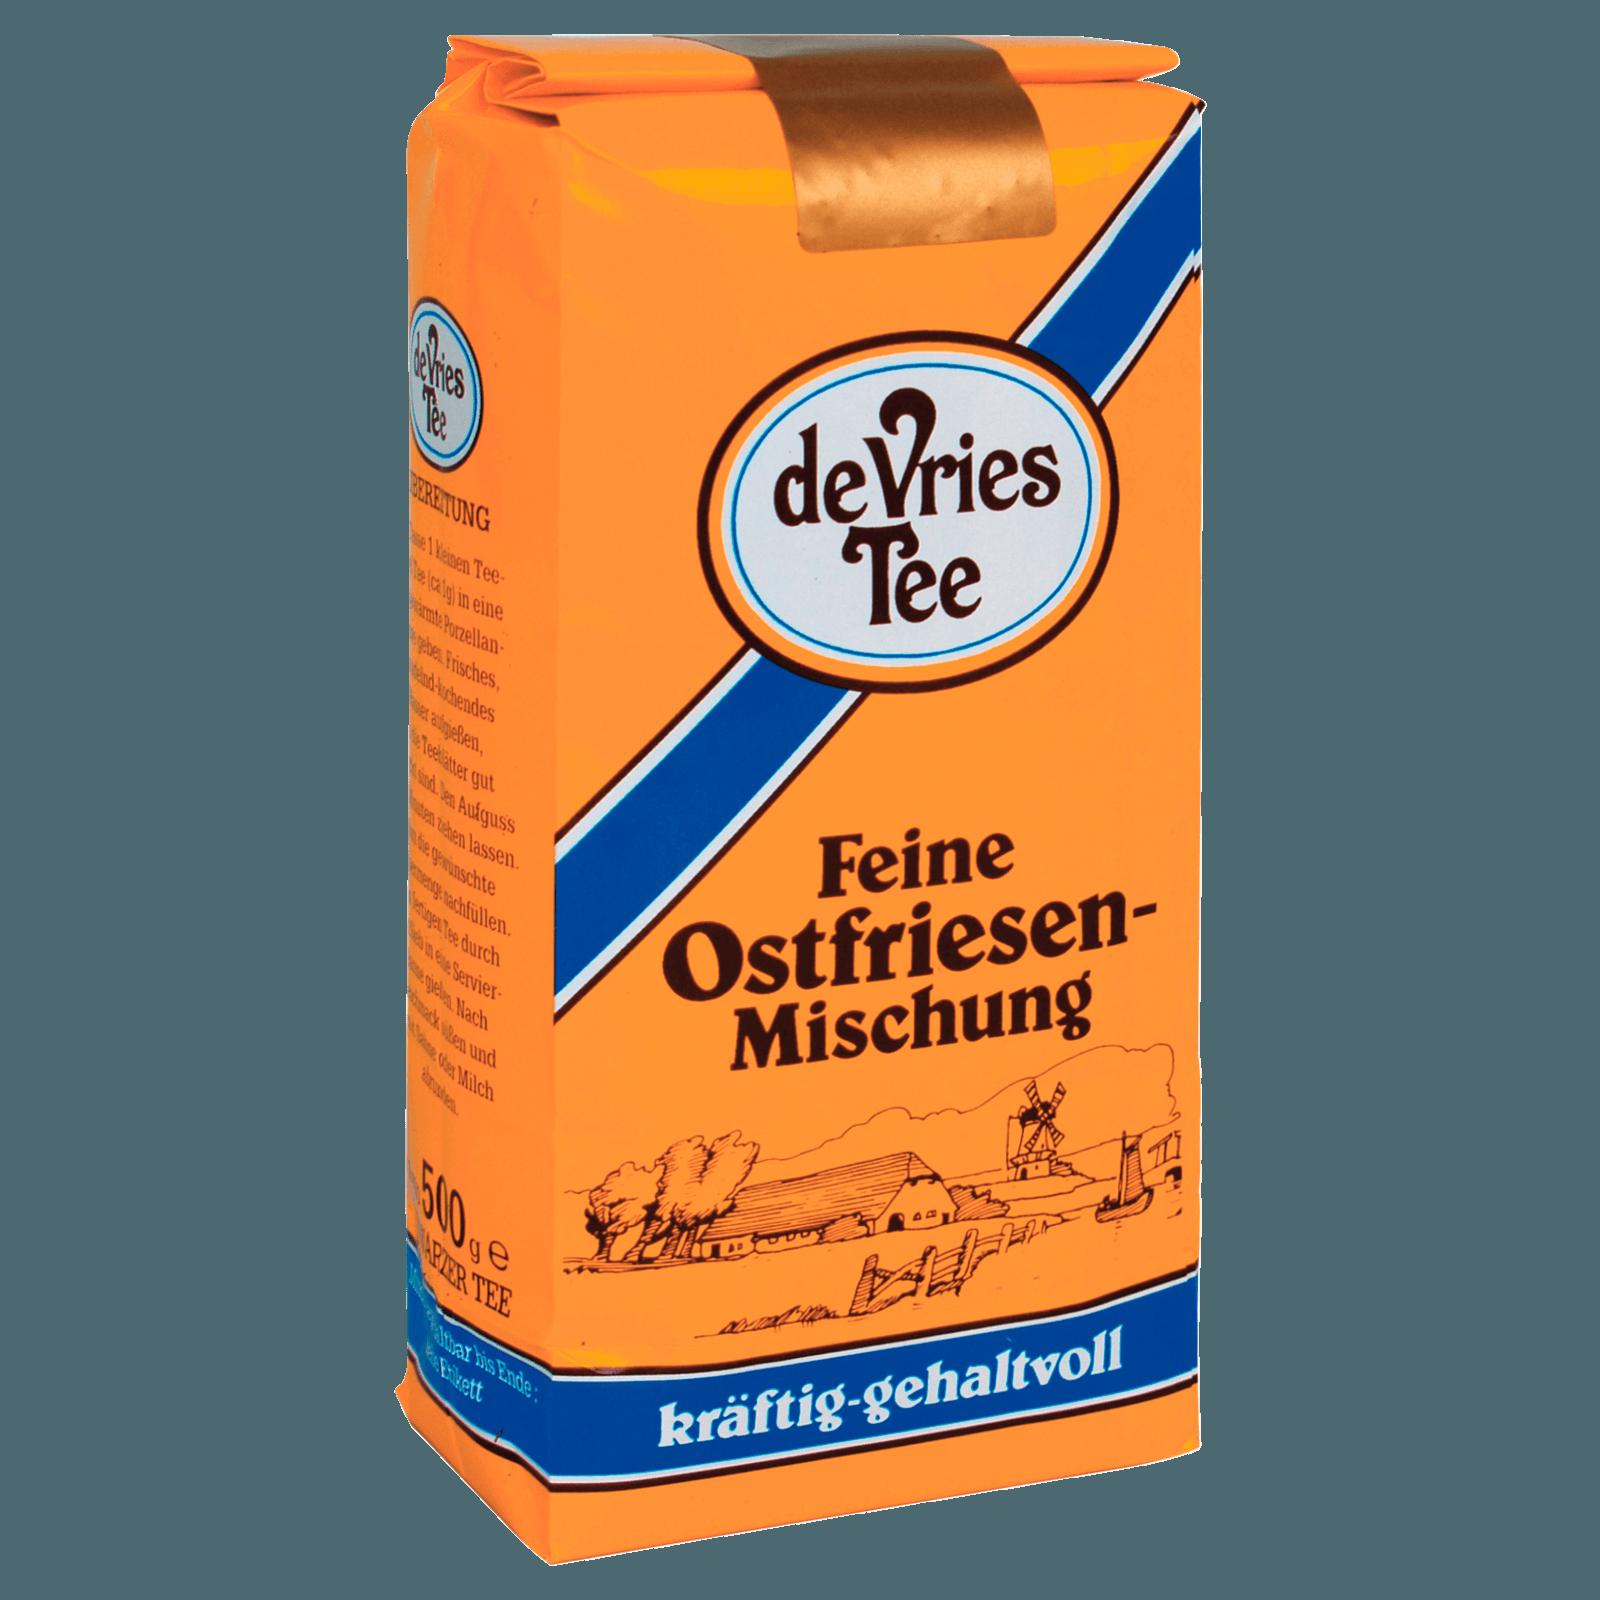 De Vries Tee feine Ostfriesenmischung 500g